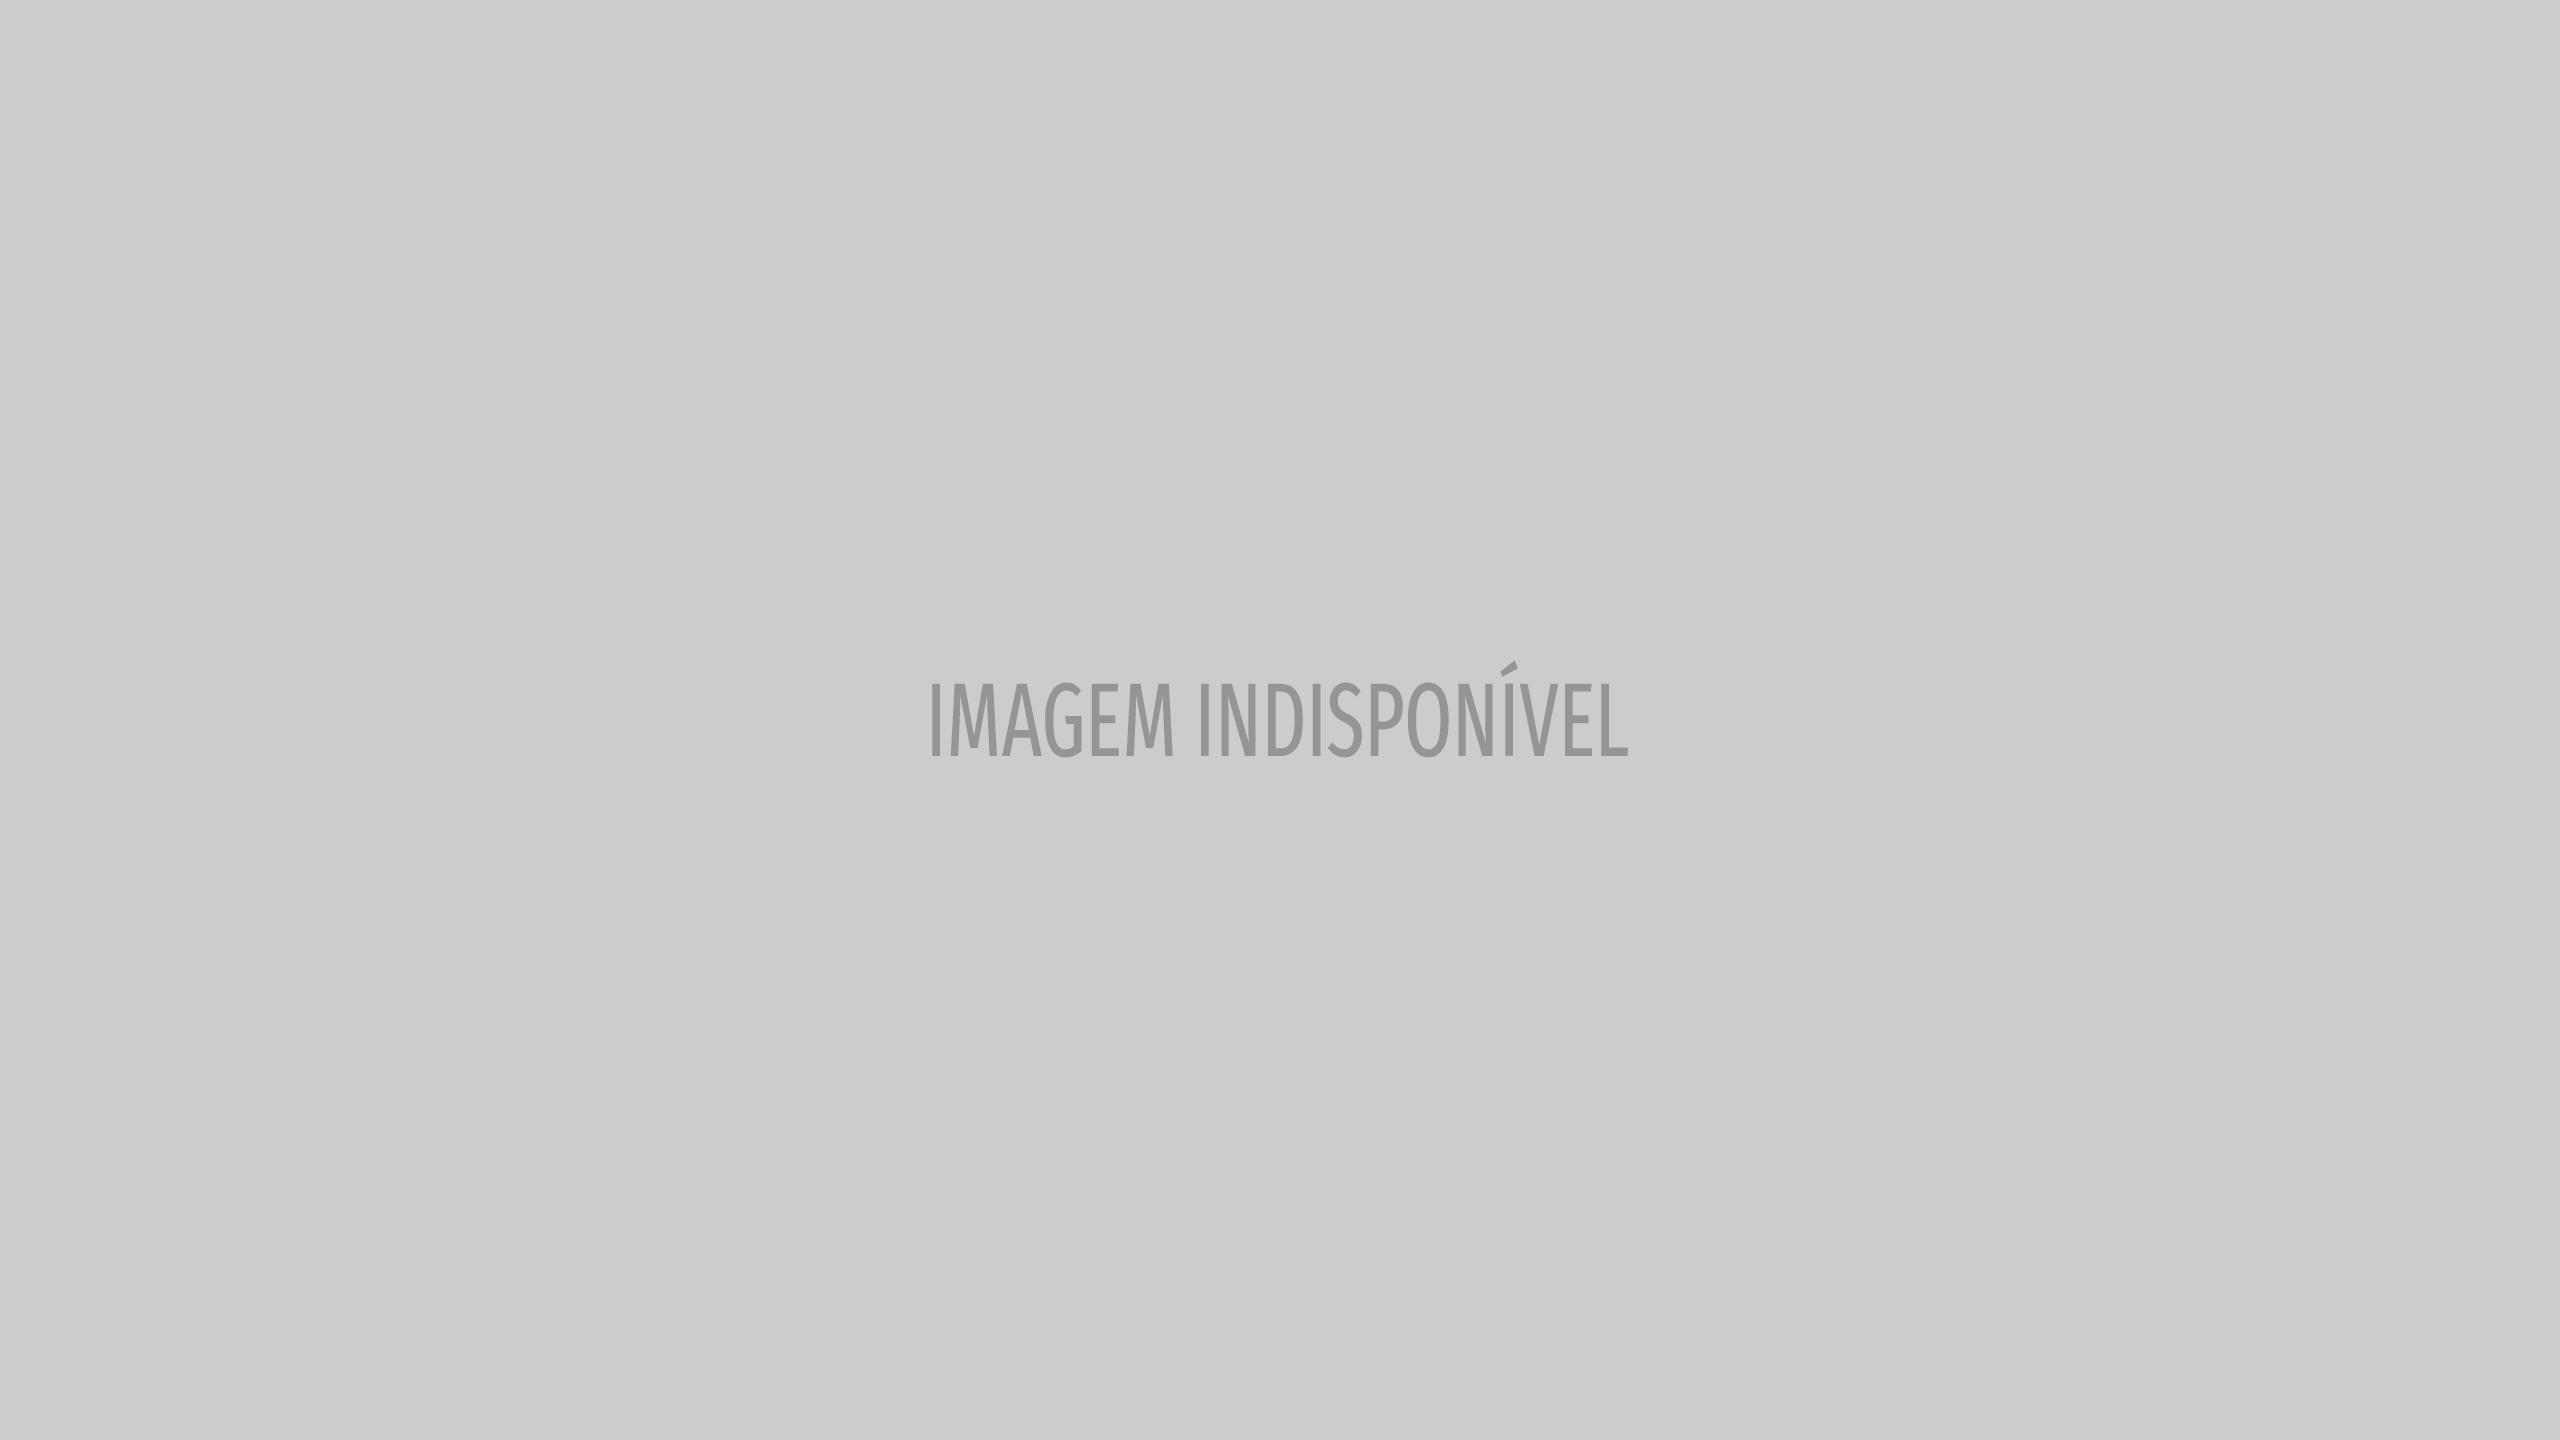 Fãs encontram Neymar descalço em loja de conveniência; vídeo